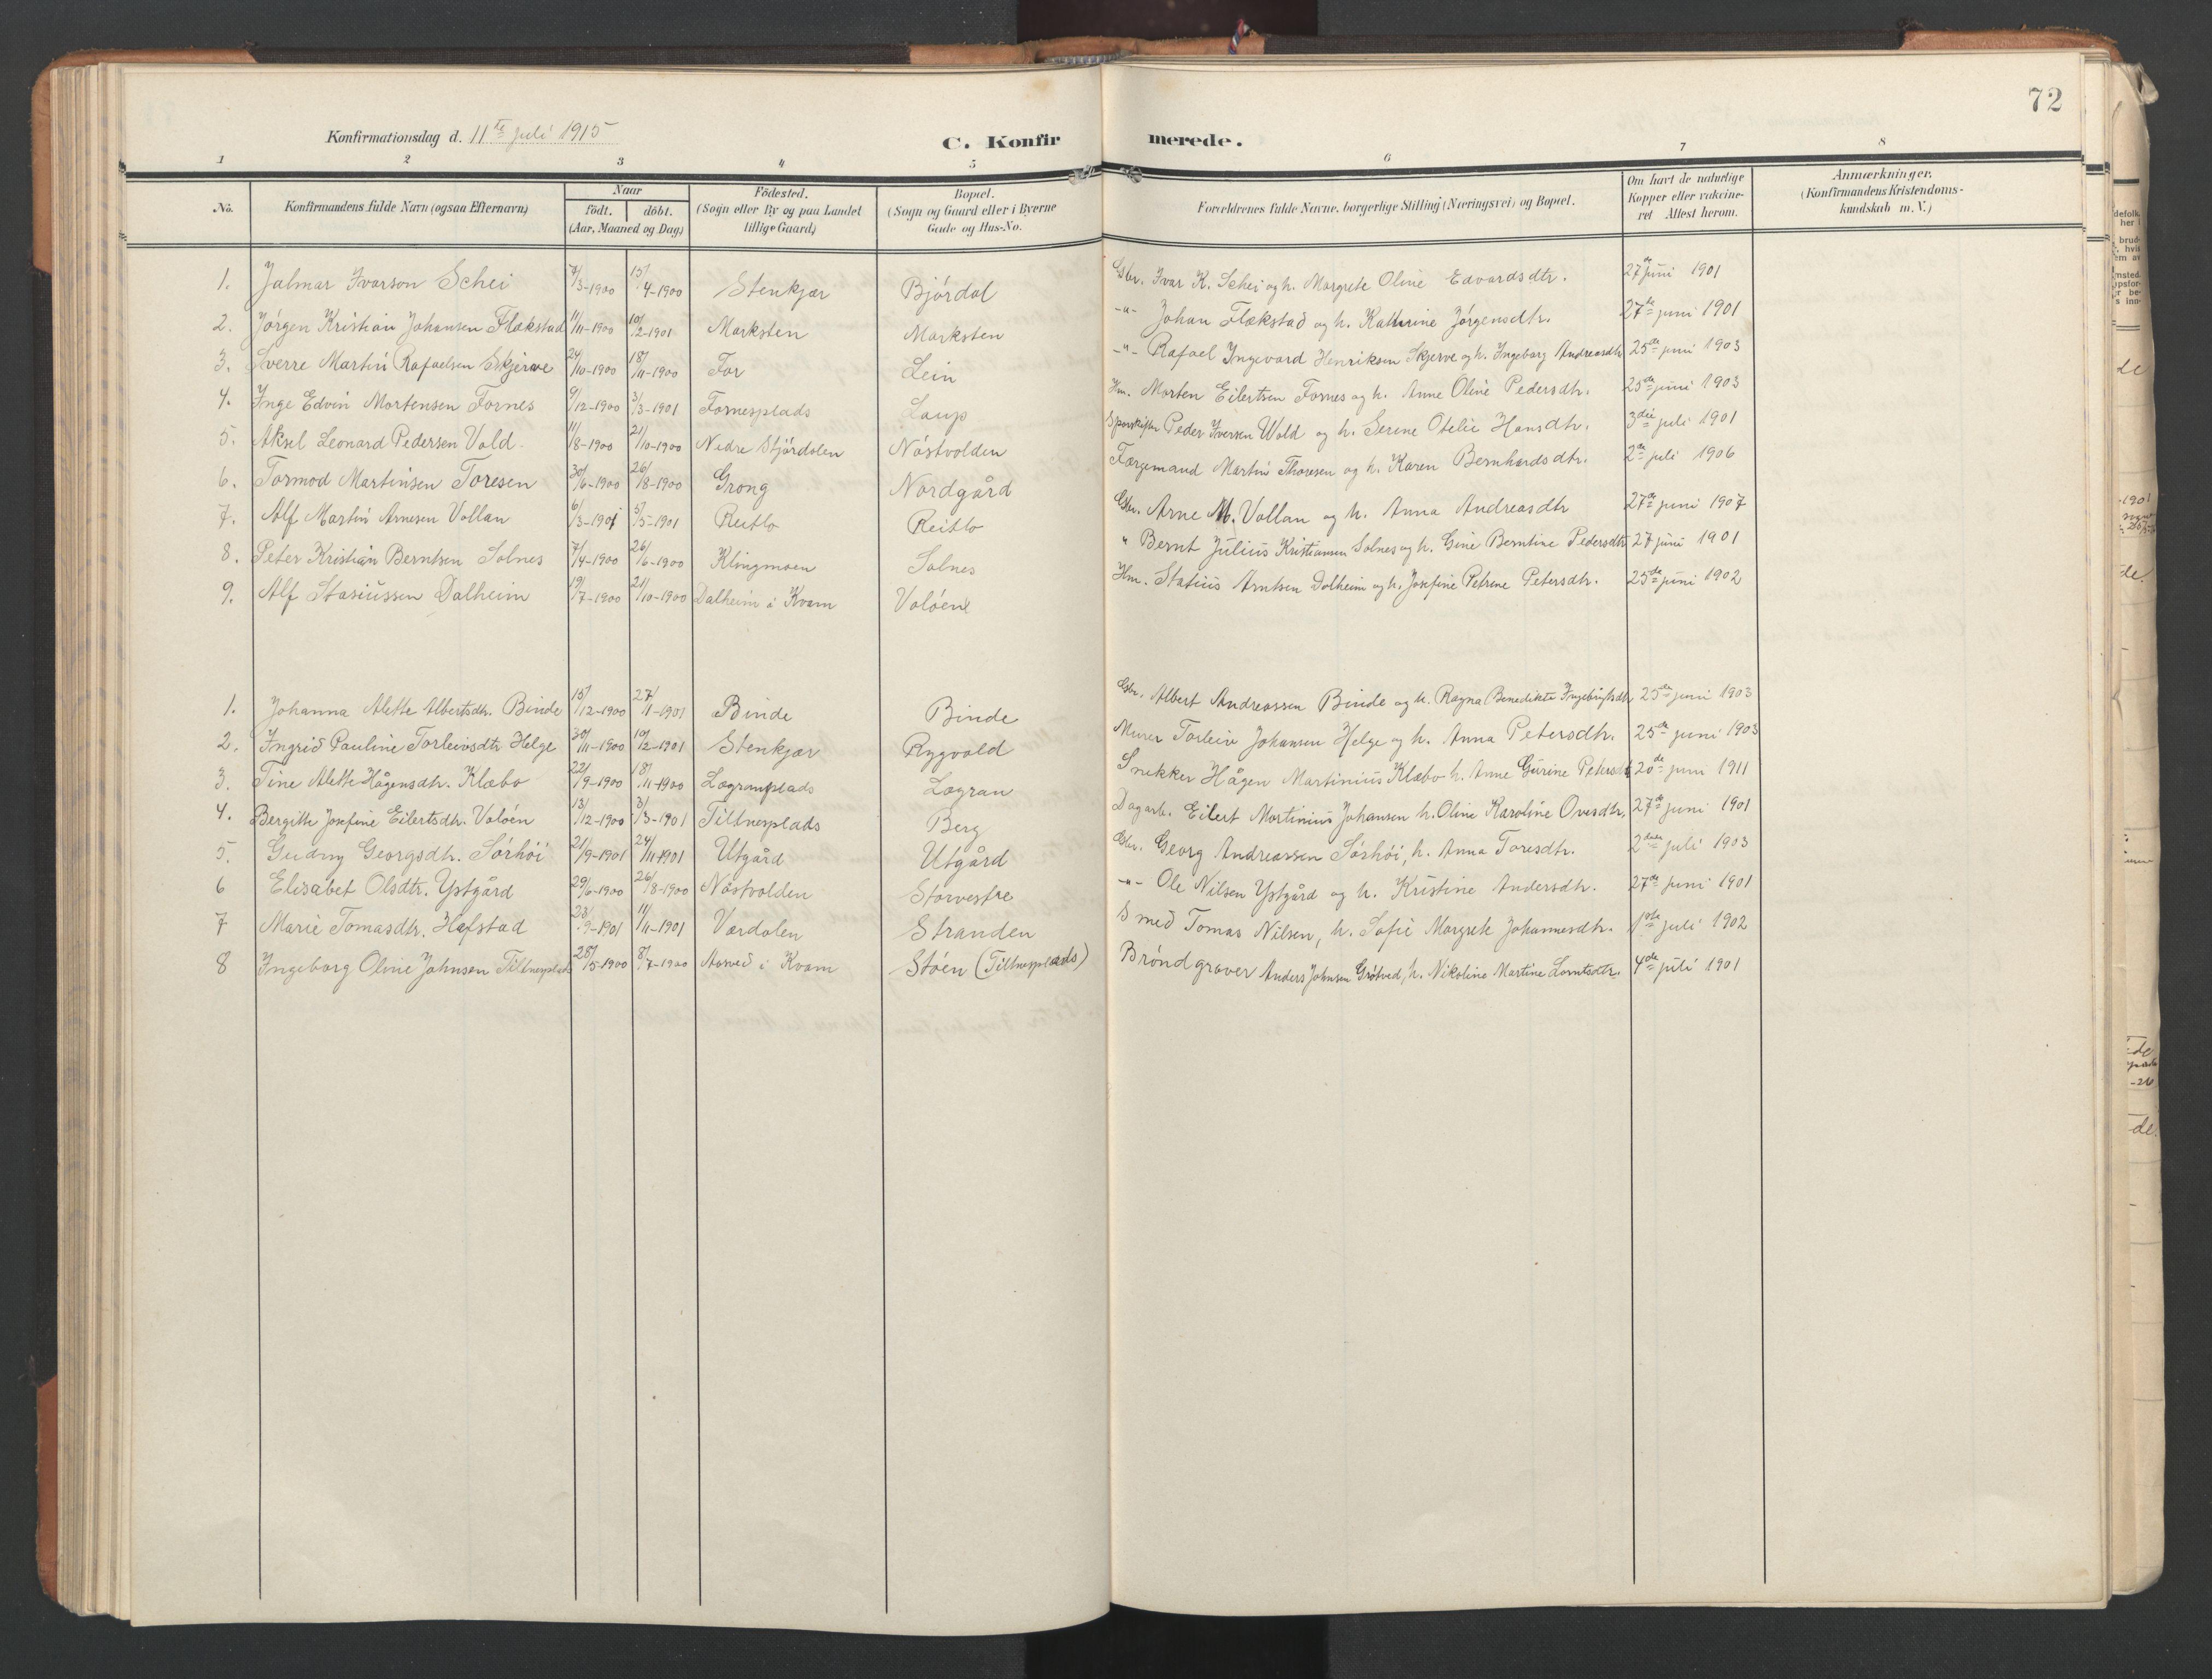 SAT, Ministerialprotokoller, klokkerbøker og fødselsregistre - Nord-Trøndelag, 746/L0455: Klokkerbok nr. 746C01, 1908-1933, s. 72